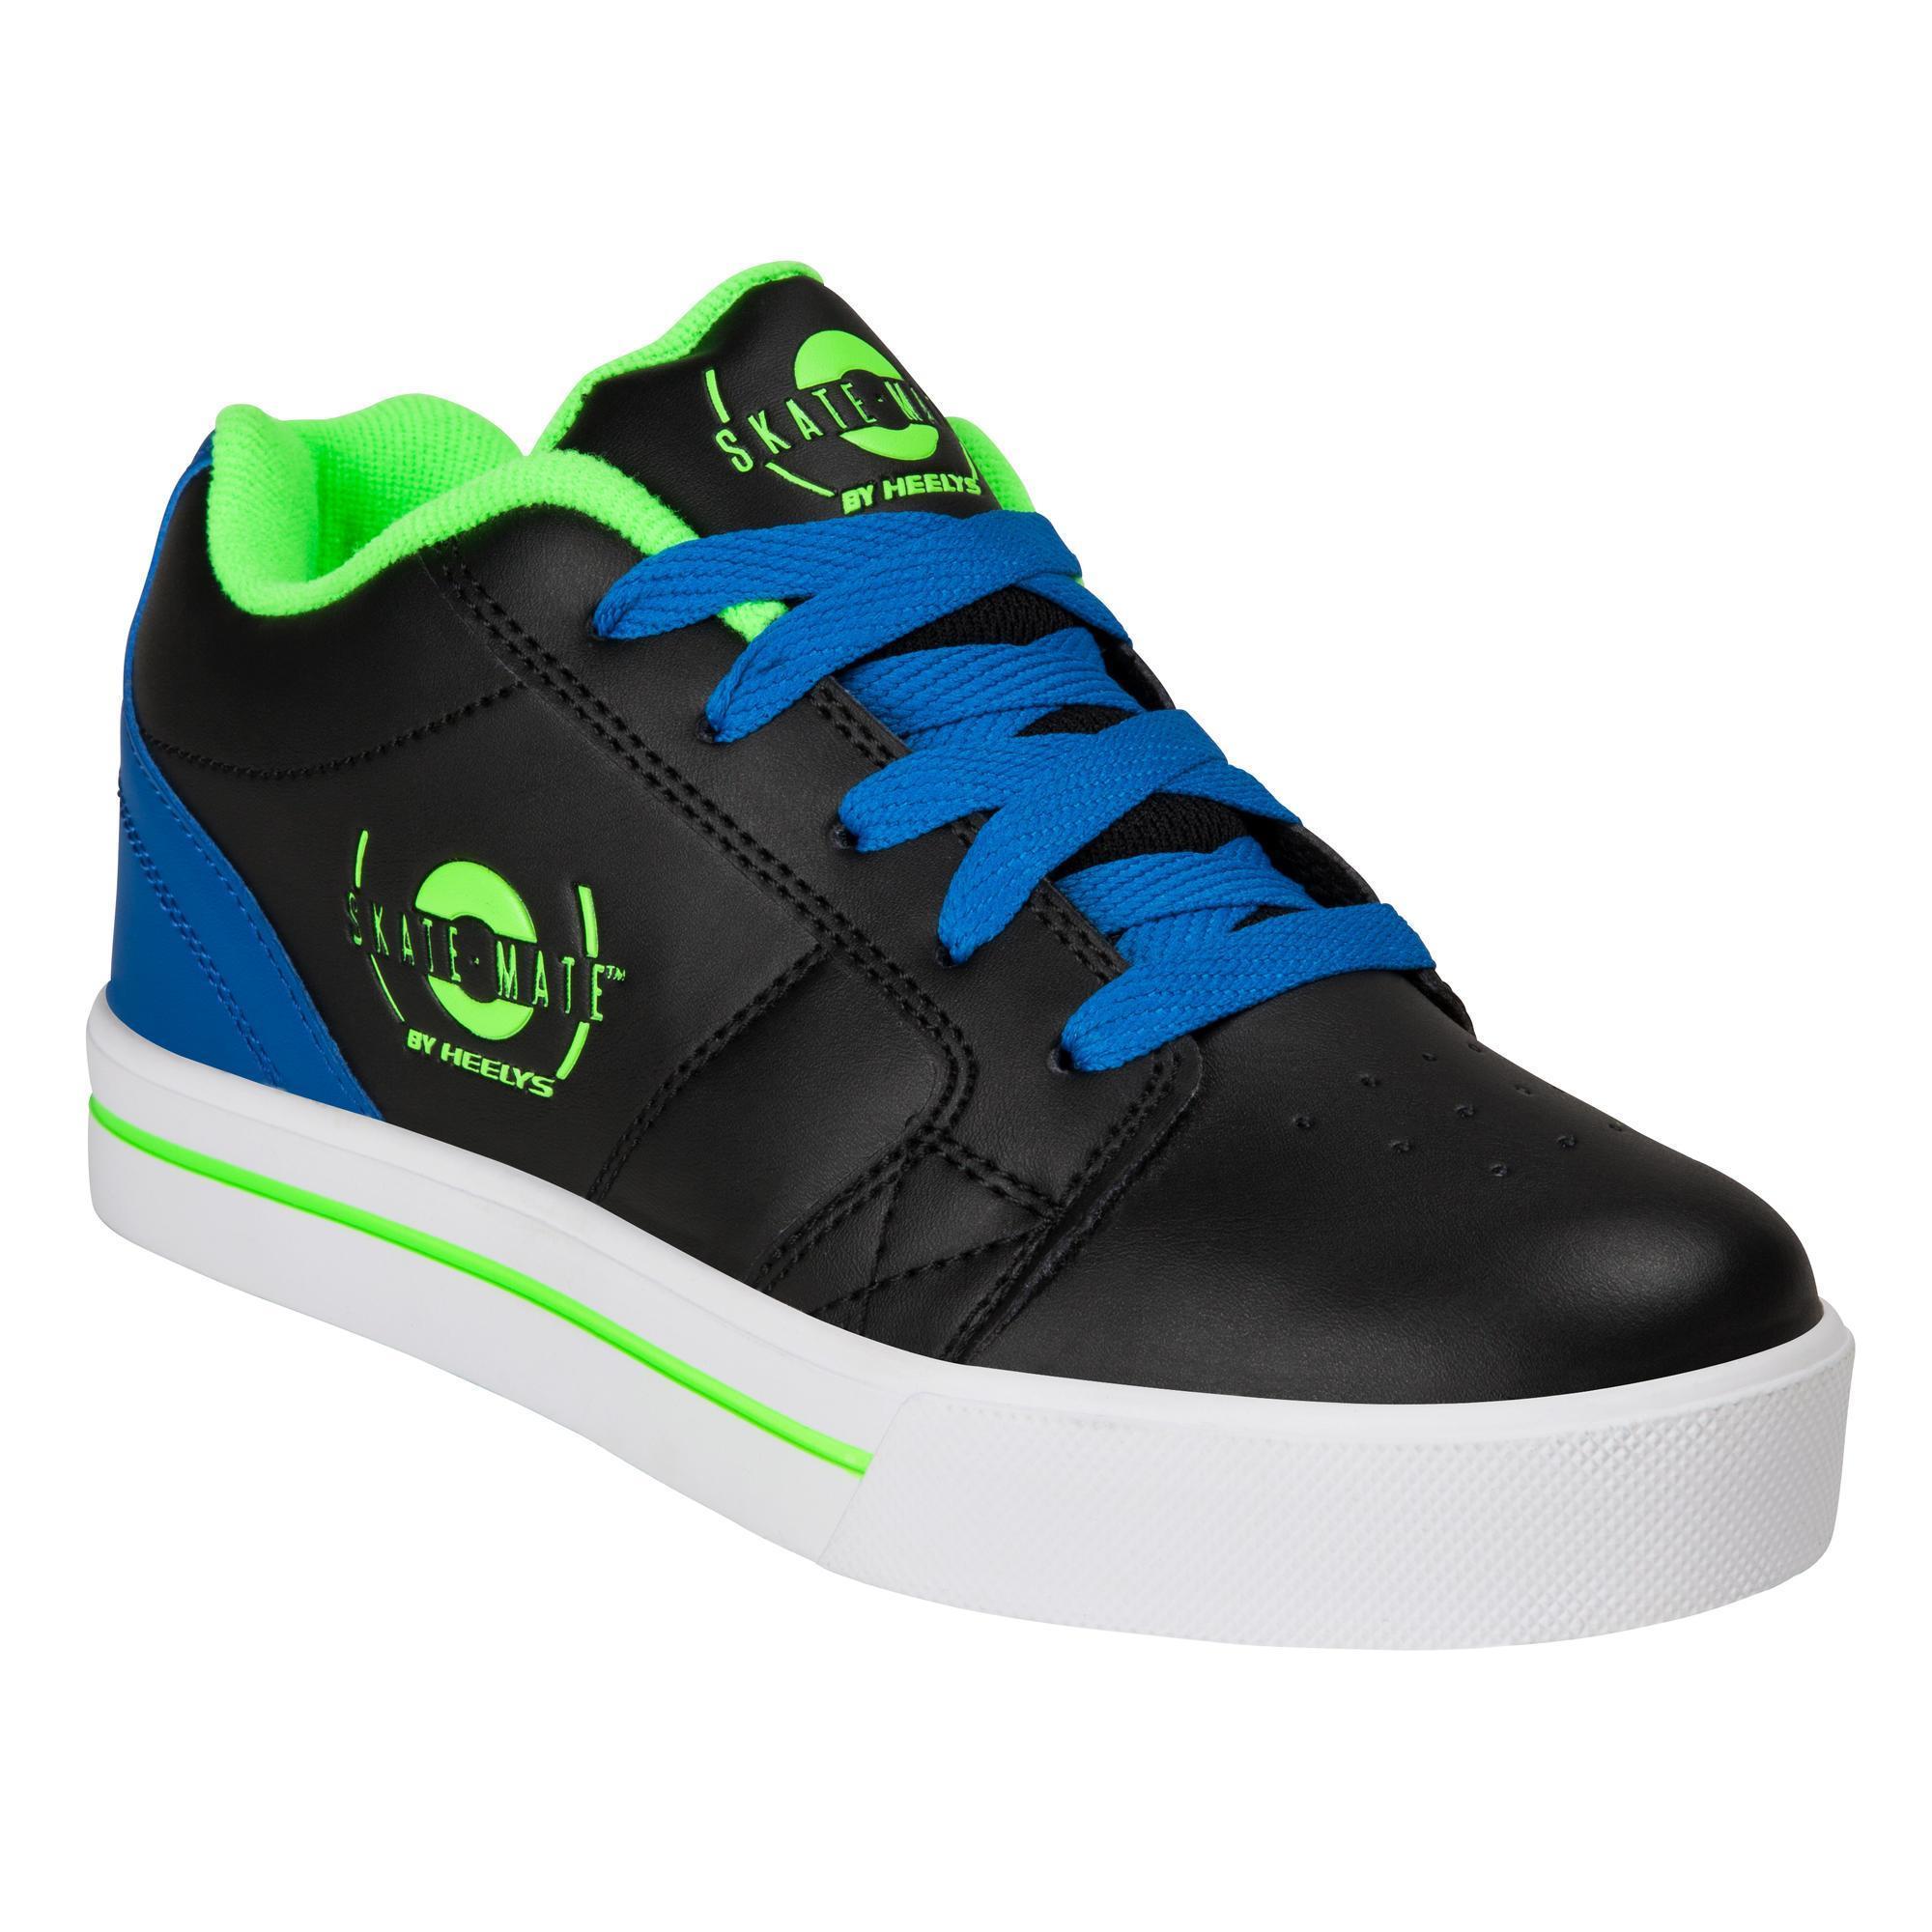 Comprar Zapatillas con Ruedas online  ea773c9c1d2